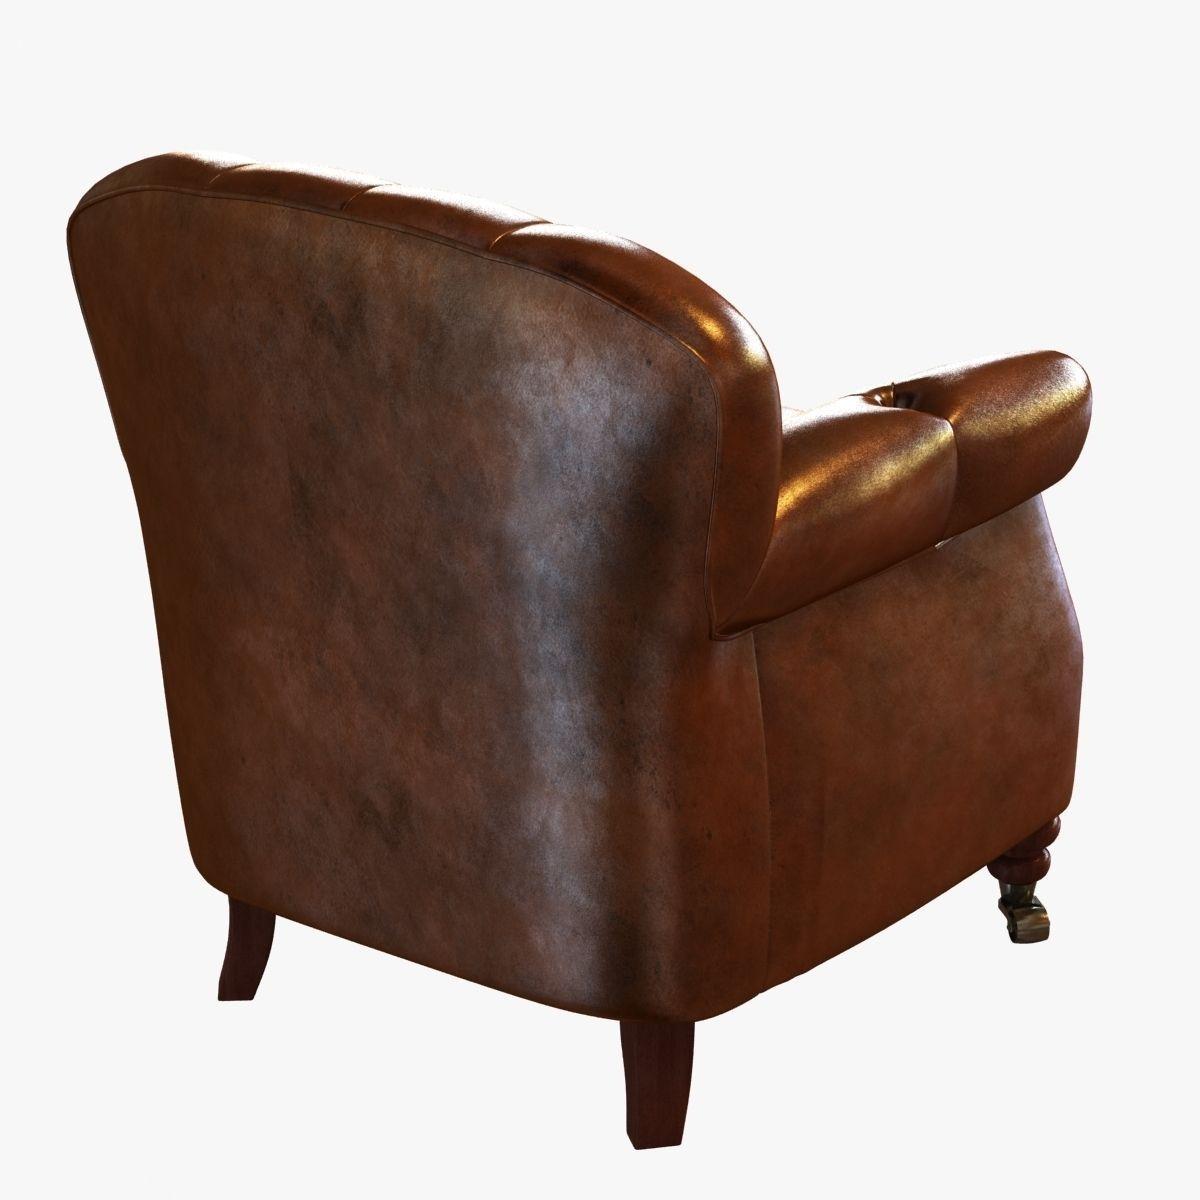 Noir furniture club chair vintage cigar le 3d model max obj 3ds